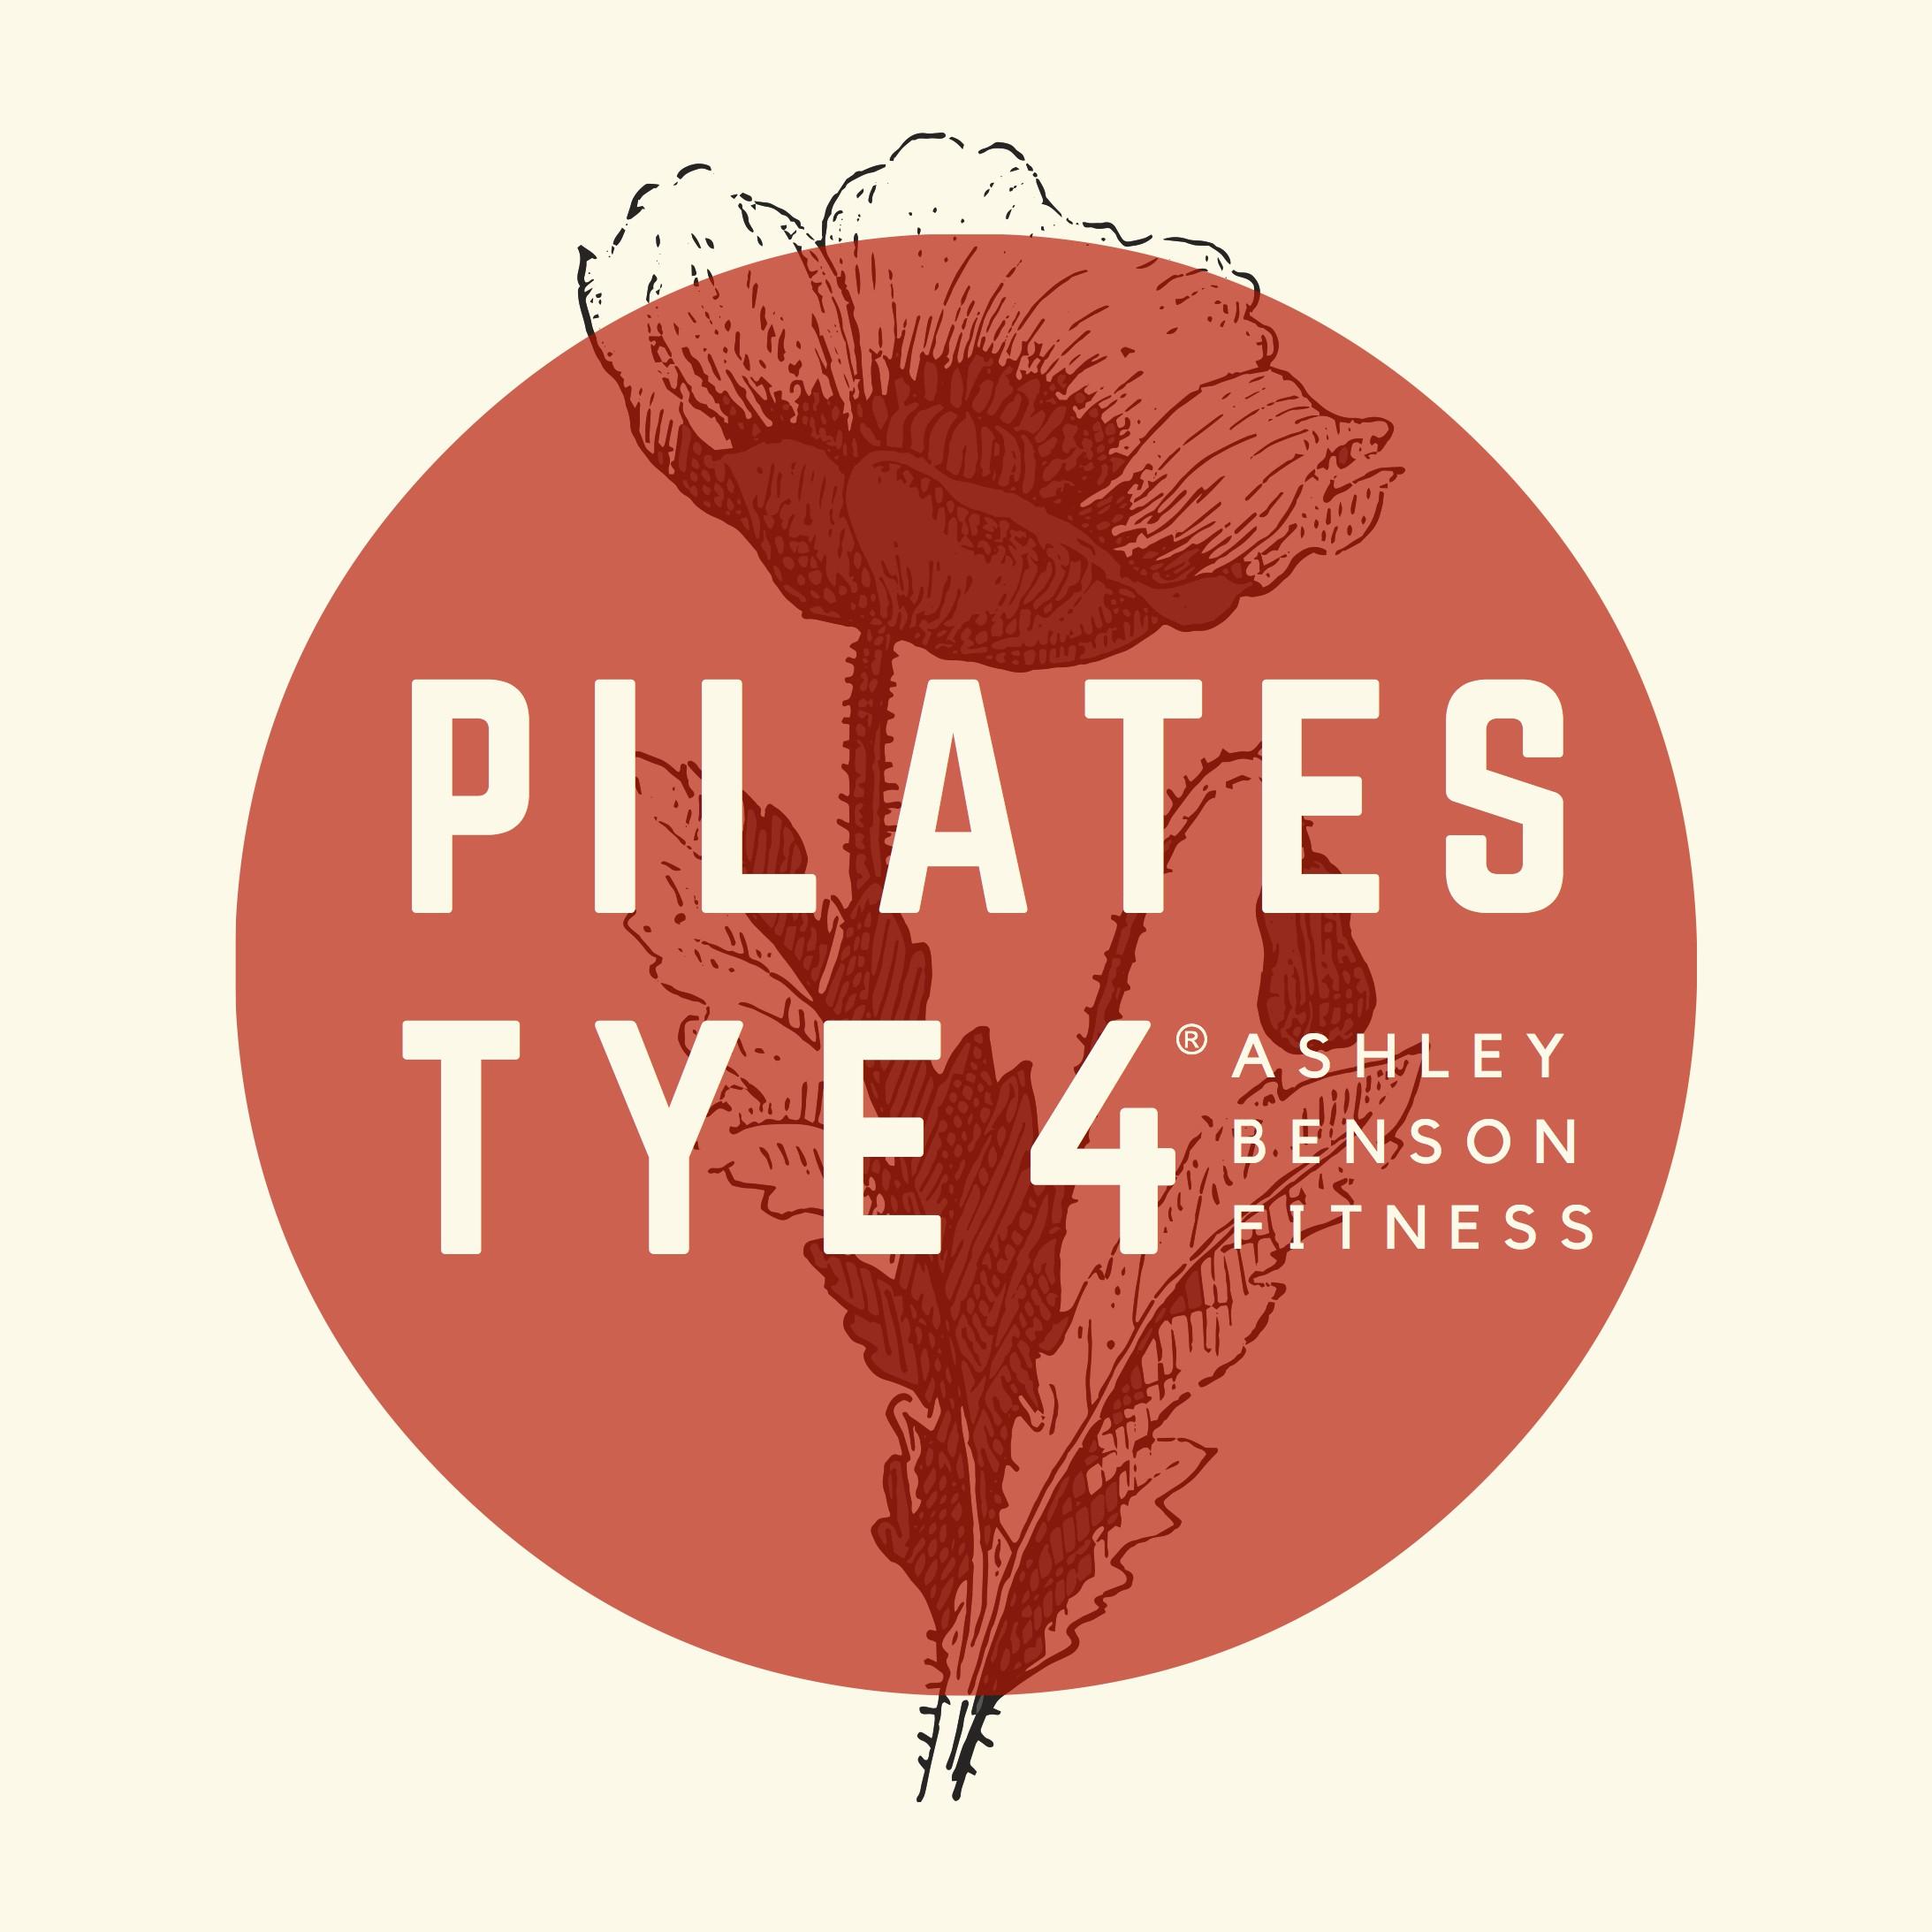 PilatesDVD